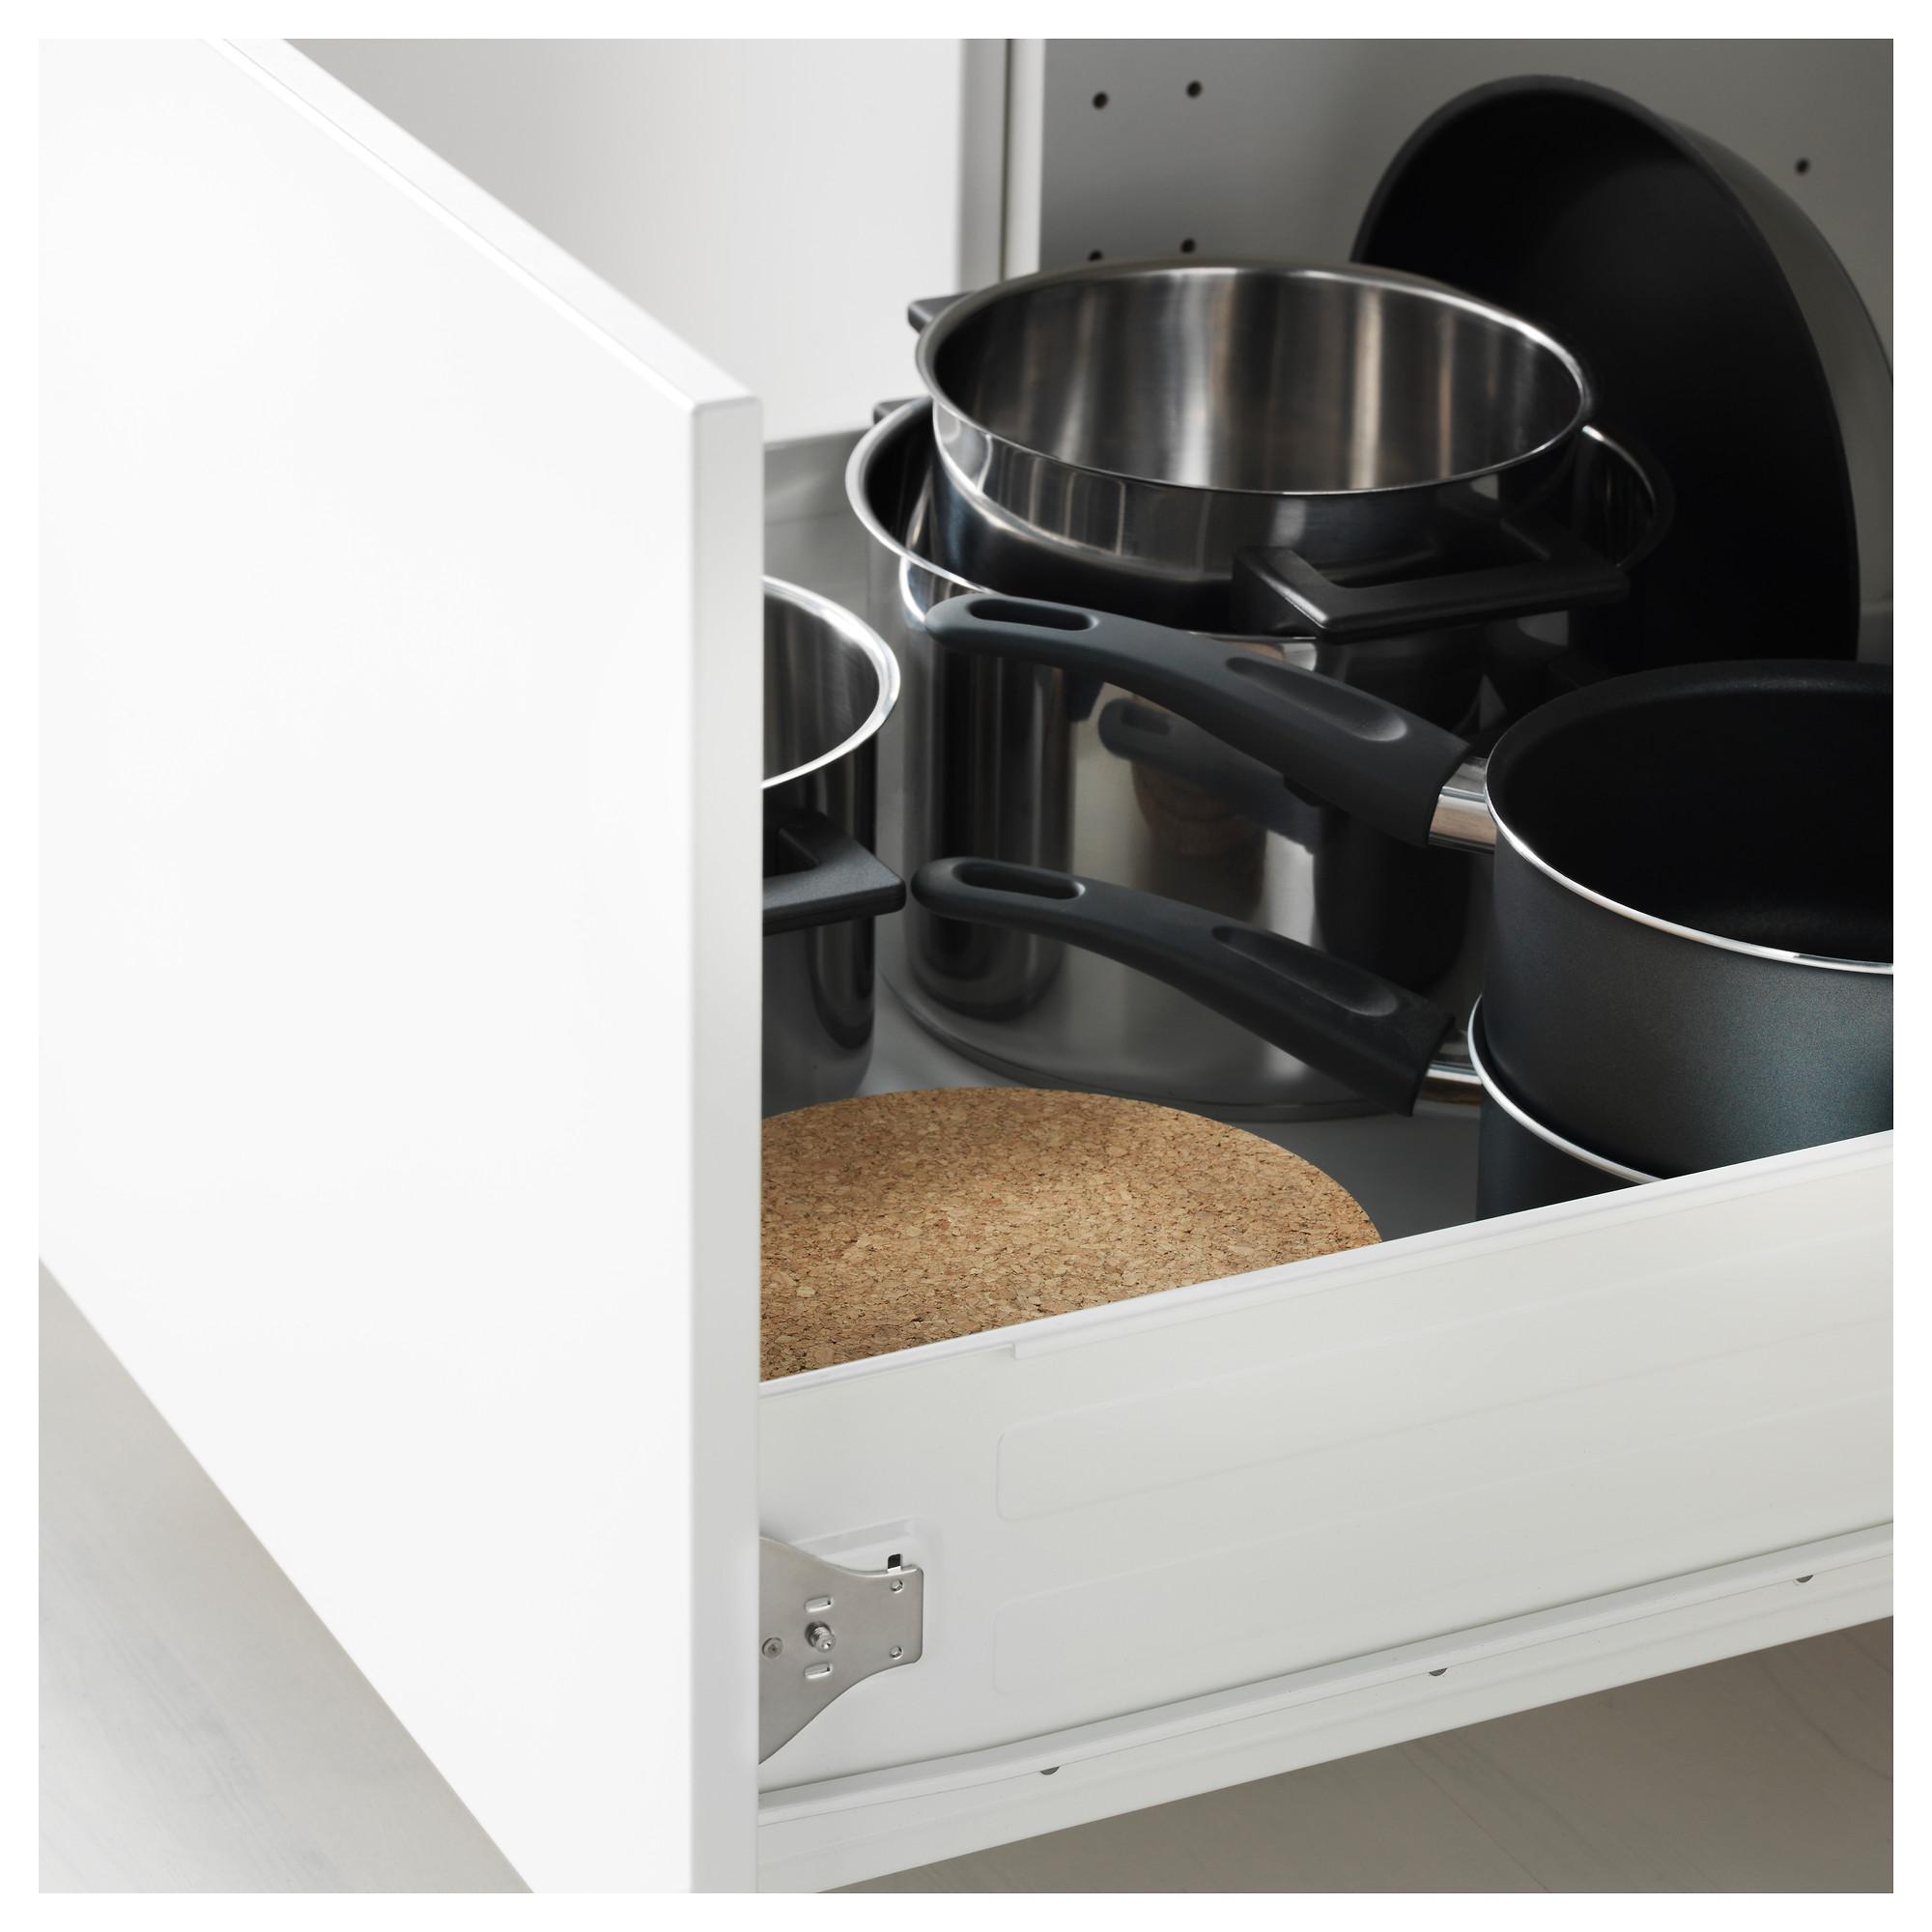 Высокий шкаф для духовки/СВЧ дверца, 3 ящика МЕТОД / ФОРВАРА белый артикуль № 092.621.20 в наличии. Интернет магазин IKEA РБ. Недорогая доставка и соборка.